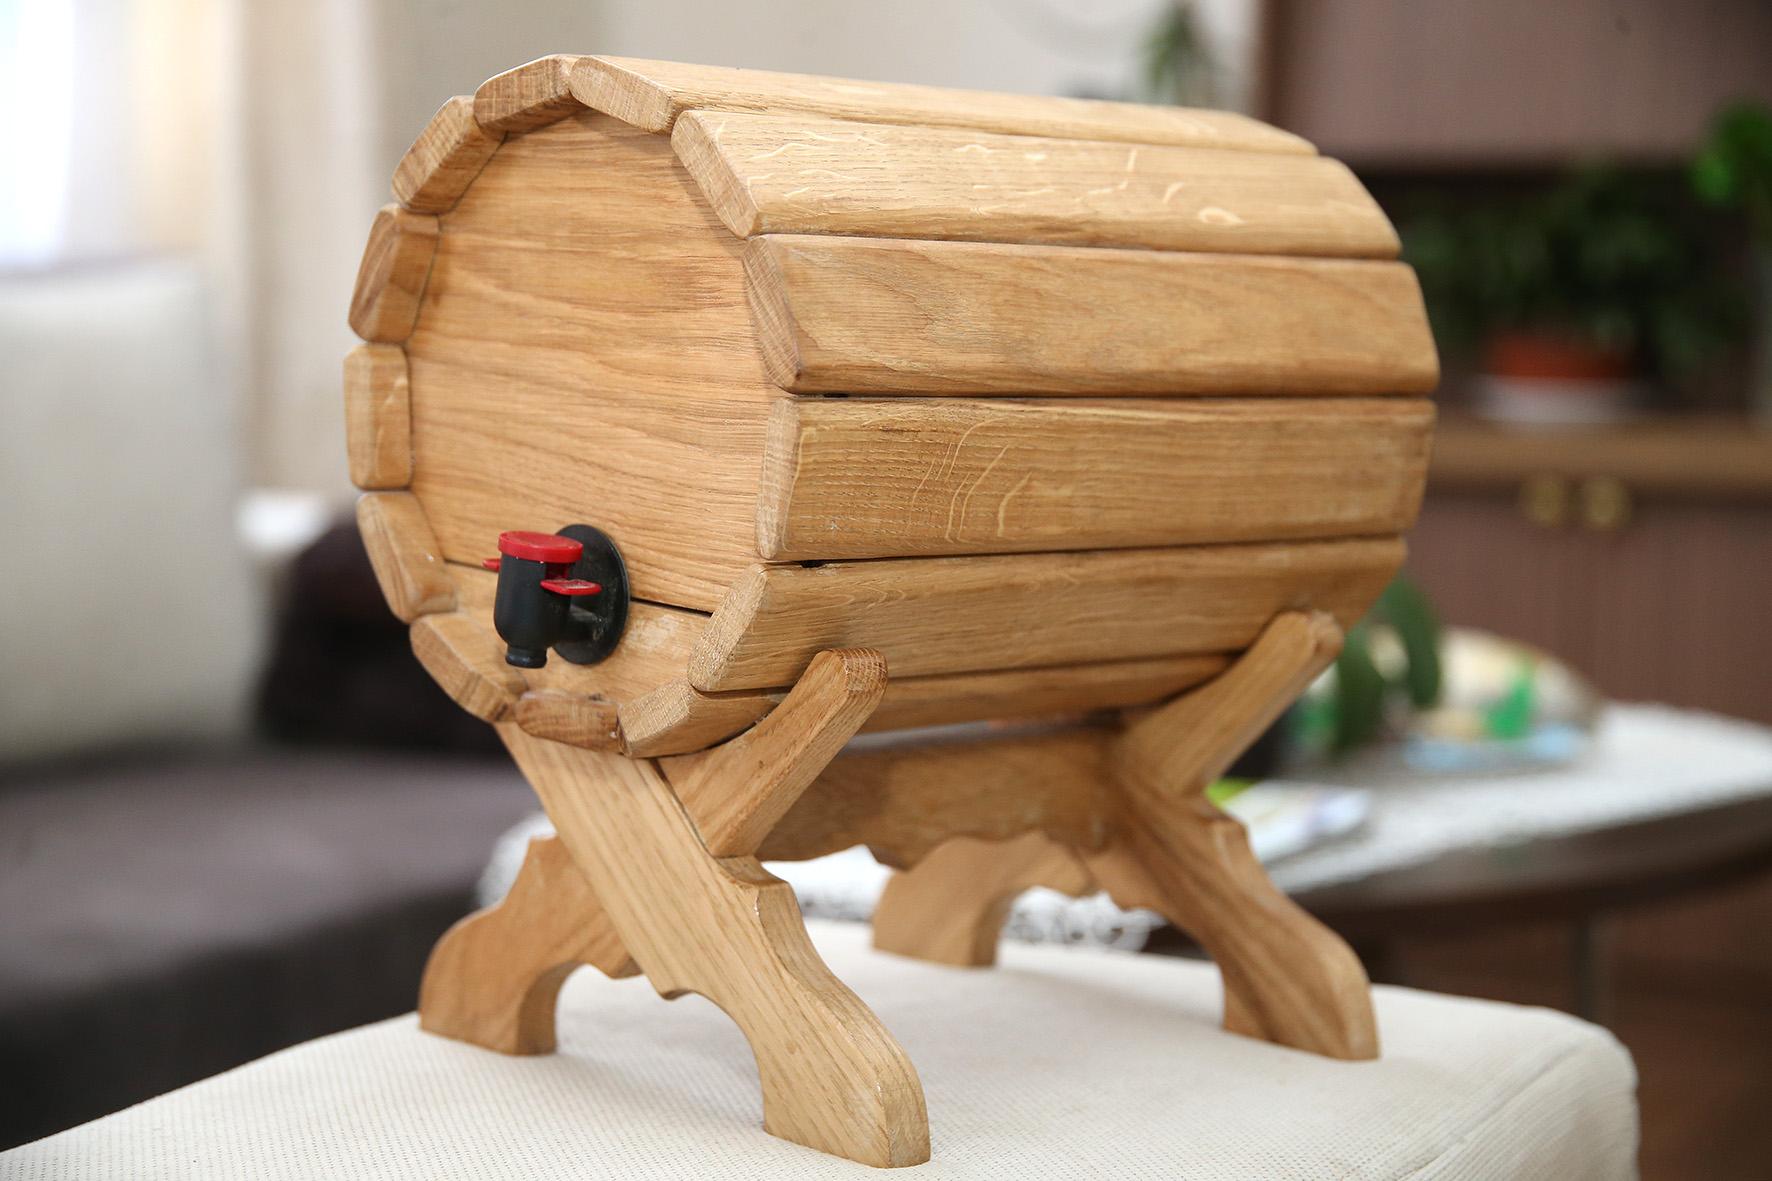 Vyras pripažįsta, jog pagaminti kubiliuką nėra taip lengva, kaip gali atrodyti. Reikia ir geros medienos, ir įrankių, ir kantrybės. A. Barzdžiaus nuotr.